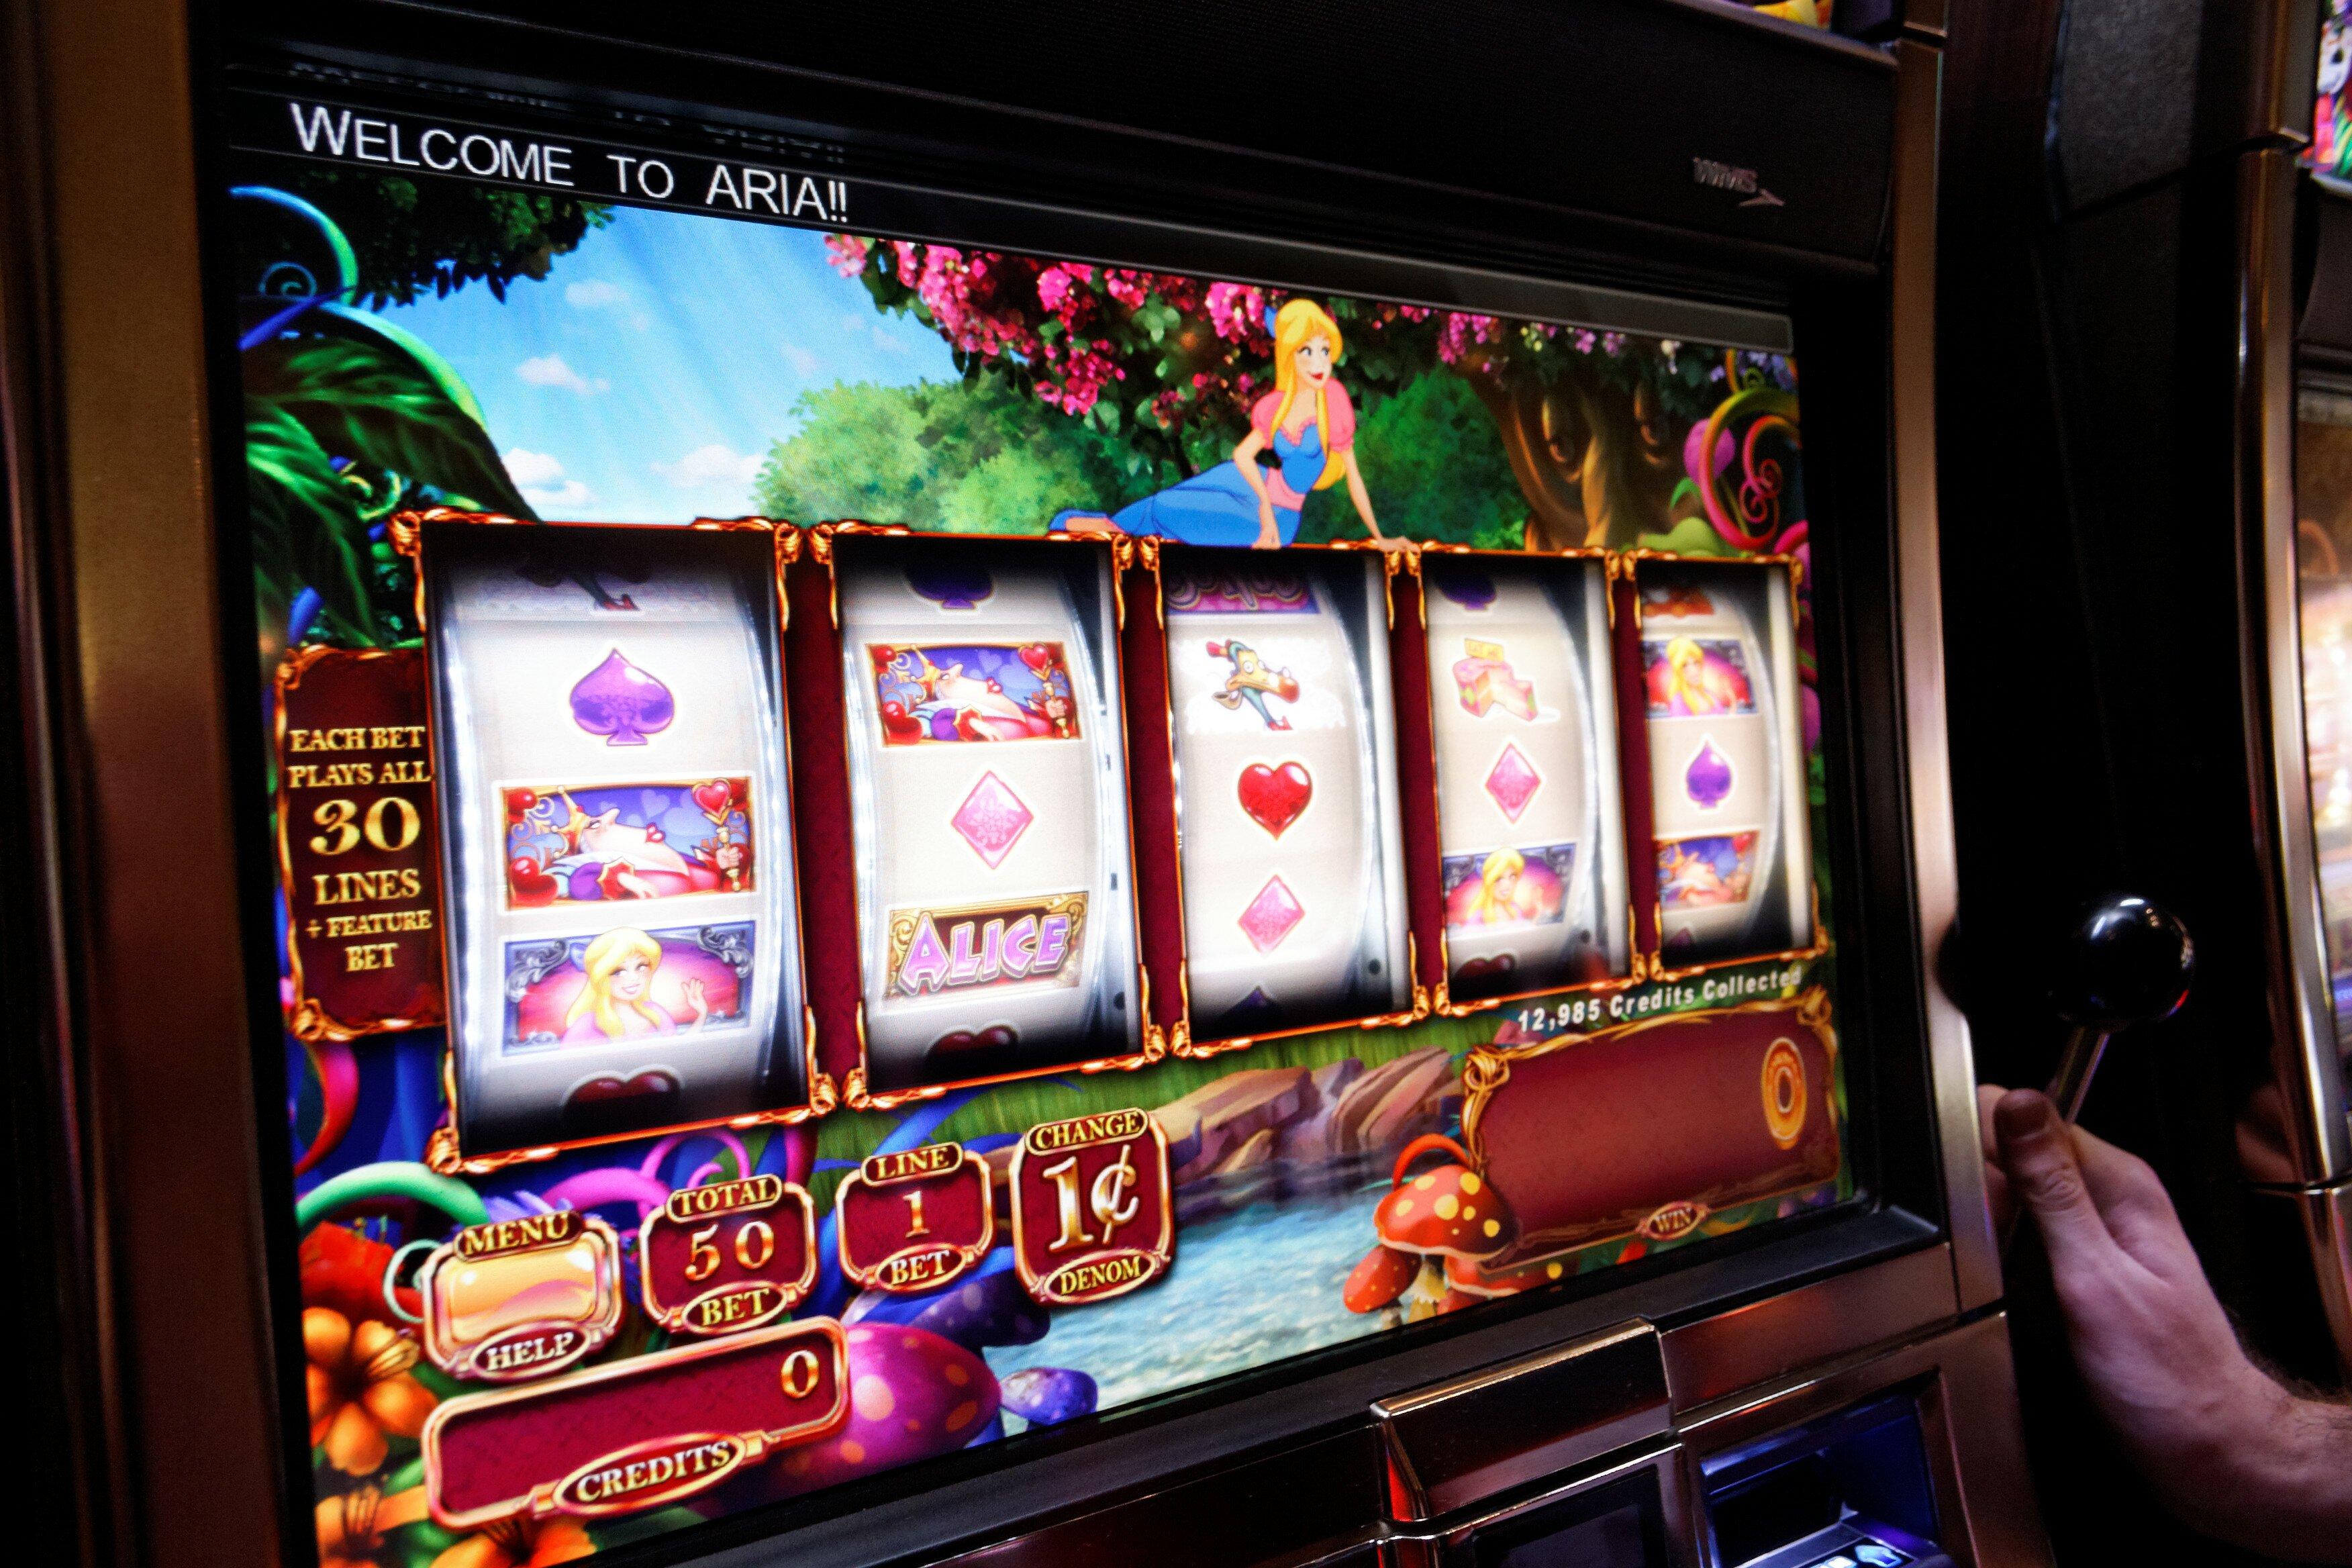 Best slot machine bioshock